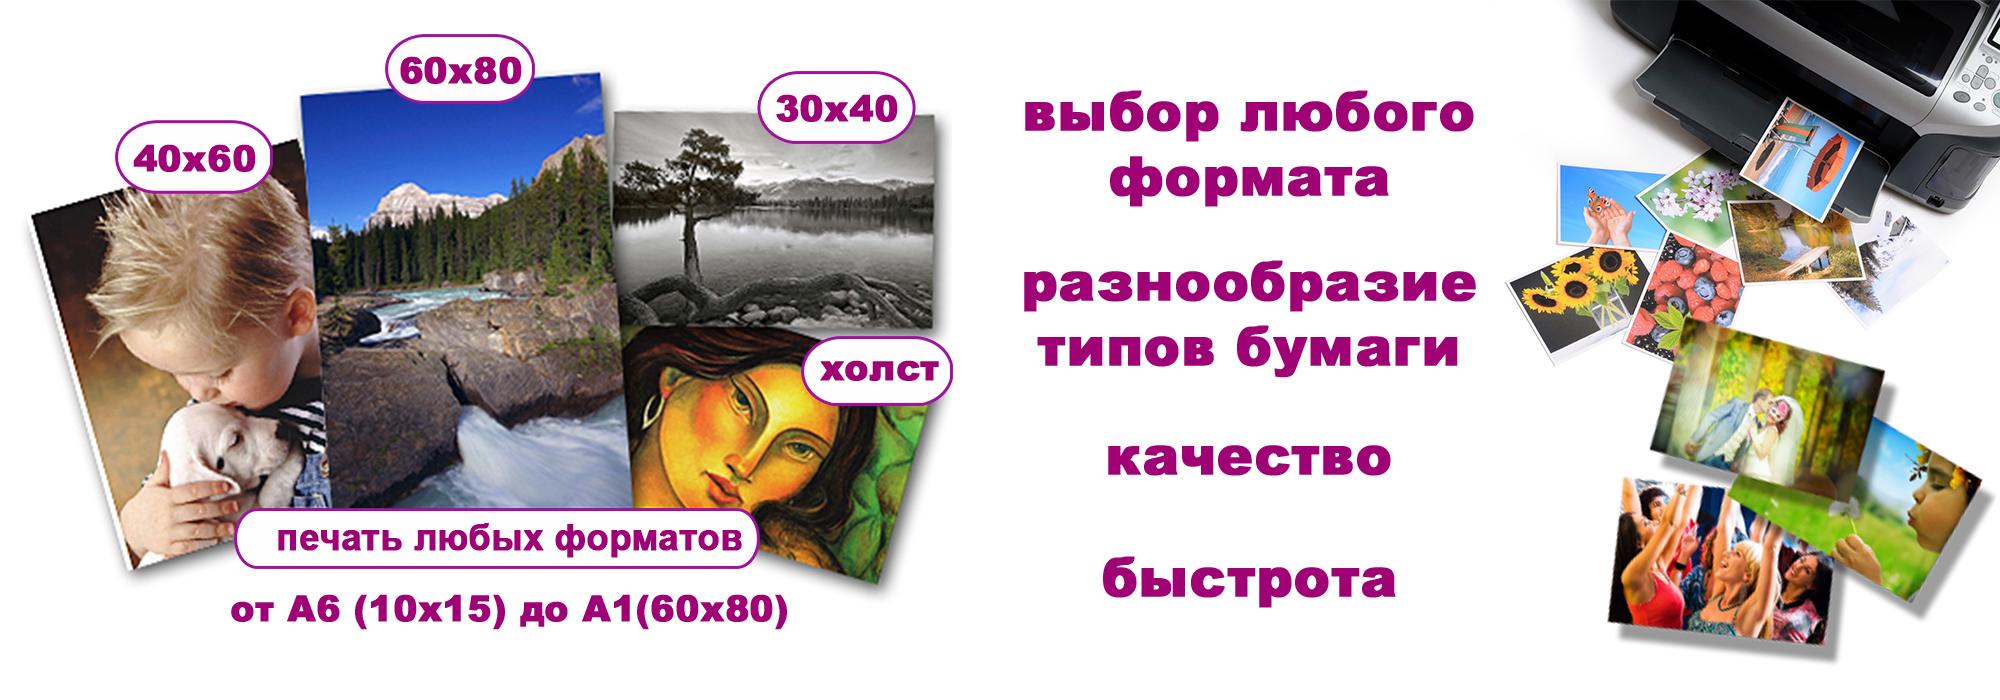 изба жилой профессиональная печать фотографий москва периодически делаю попытки